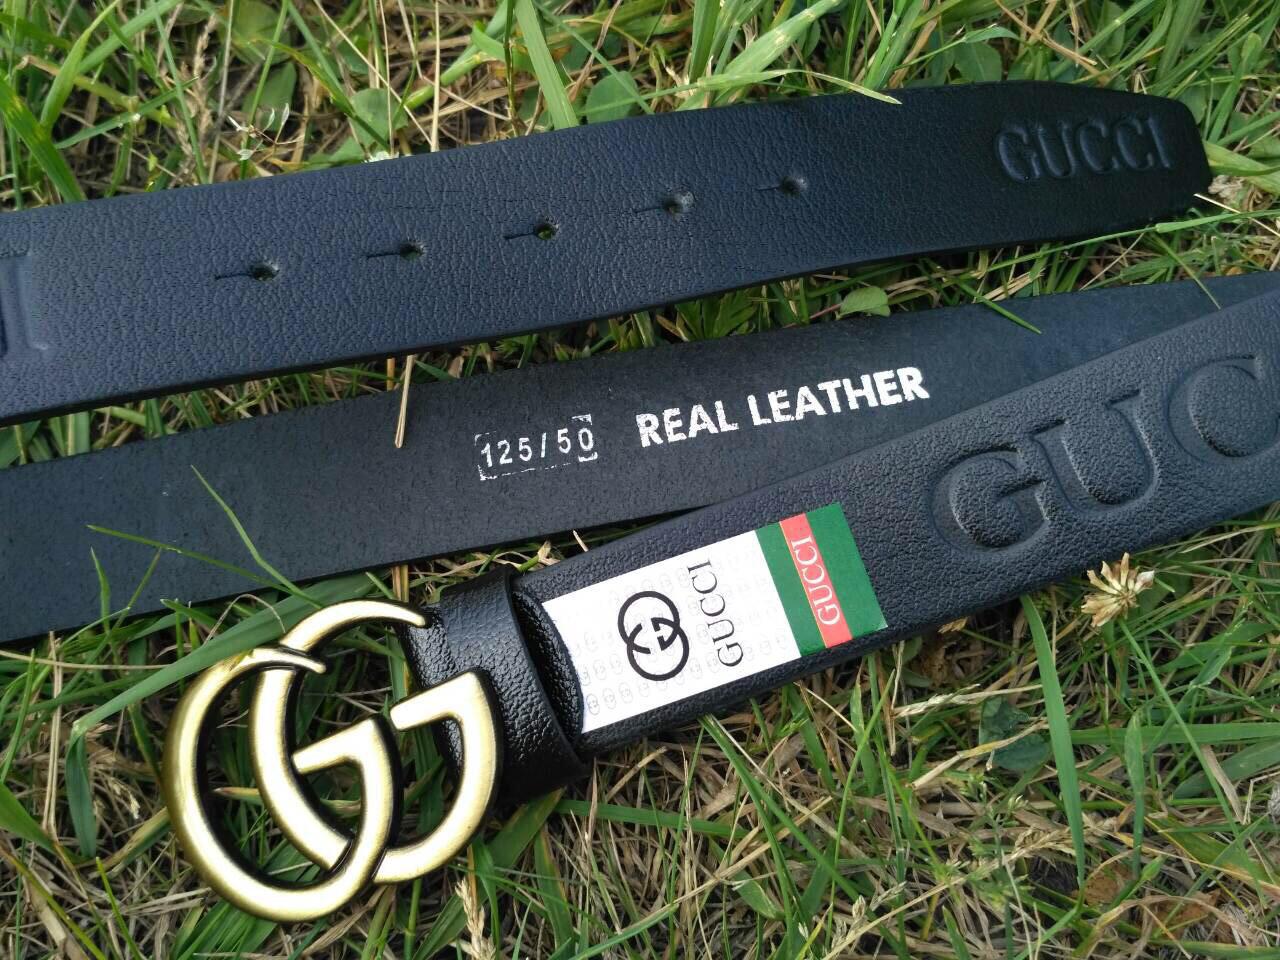 Кожаный Ремень пояс Gucci  (реплика Гучи)